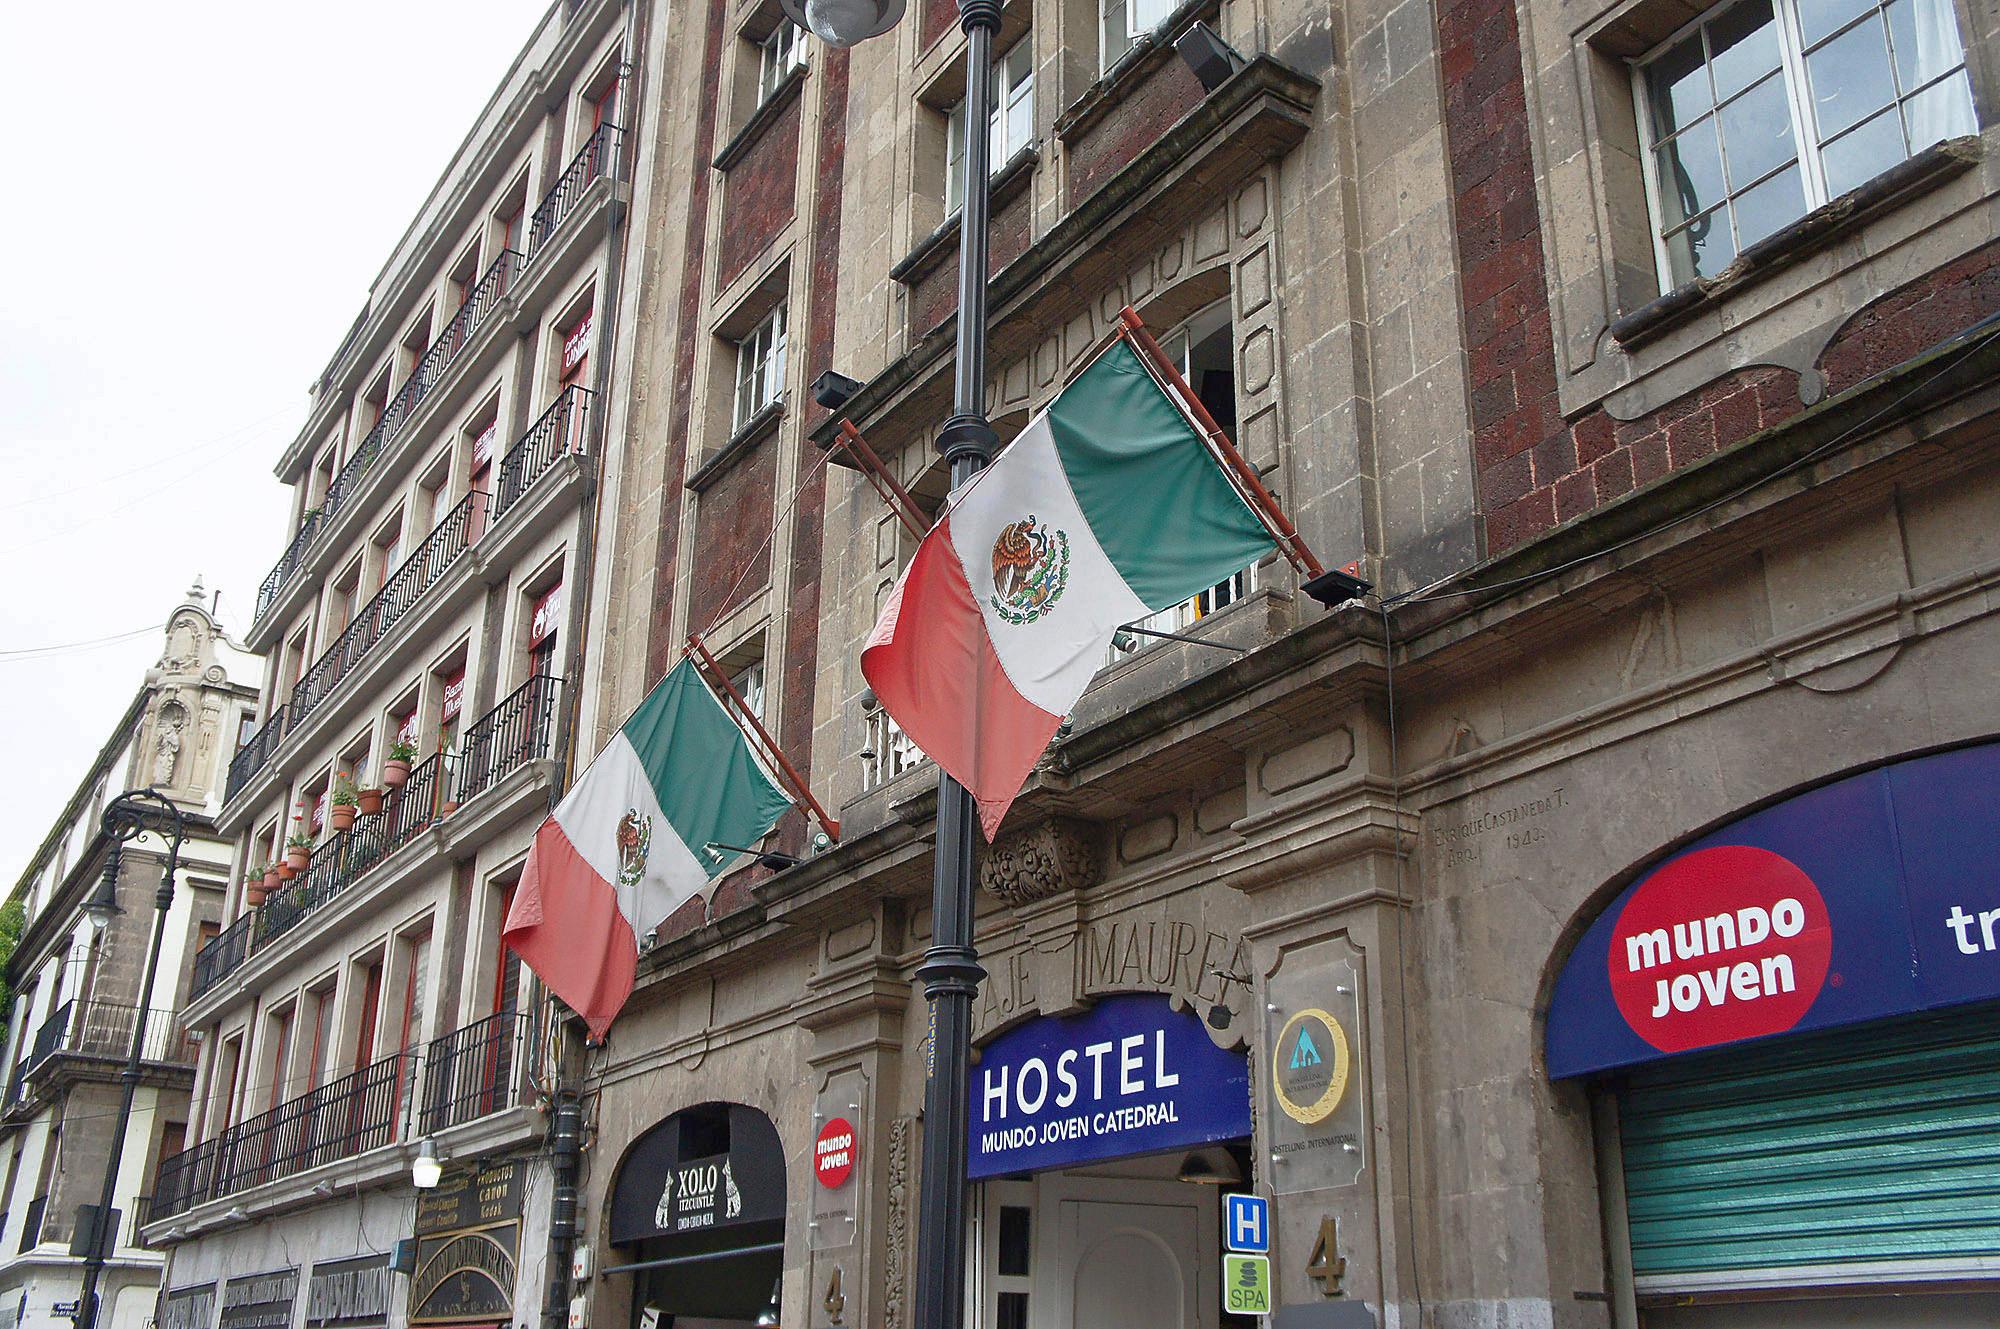 Многие путешественники сравнивают Мехико с испанскими городами